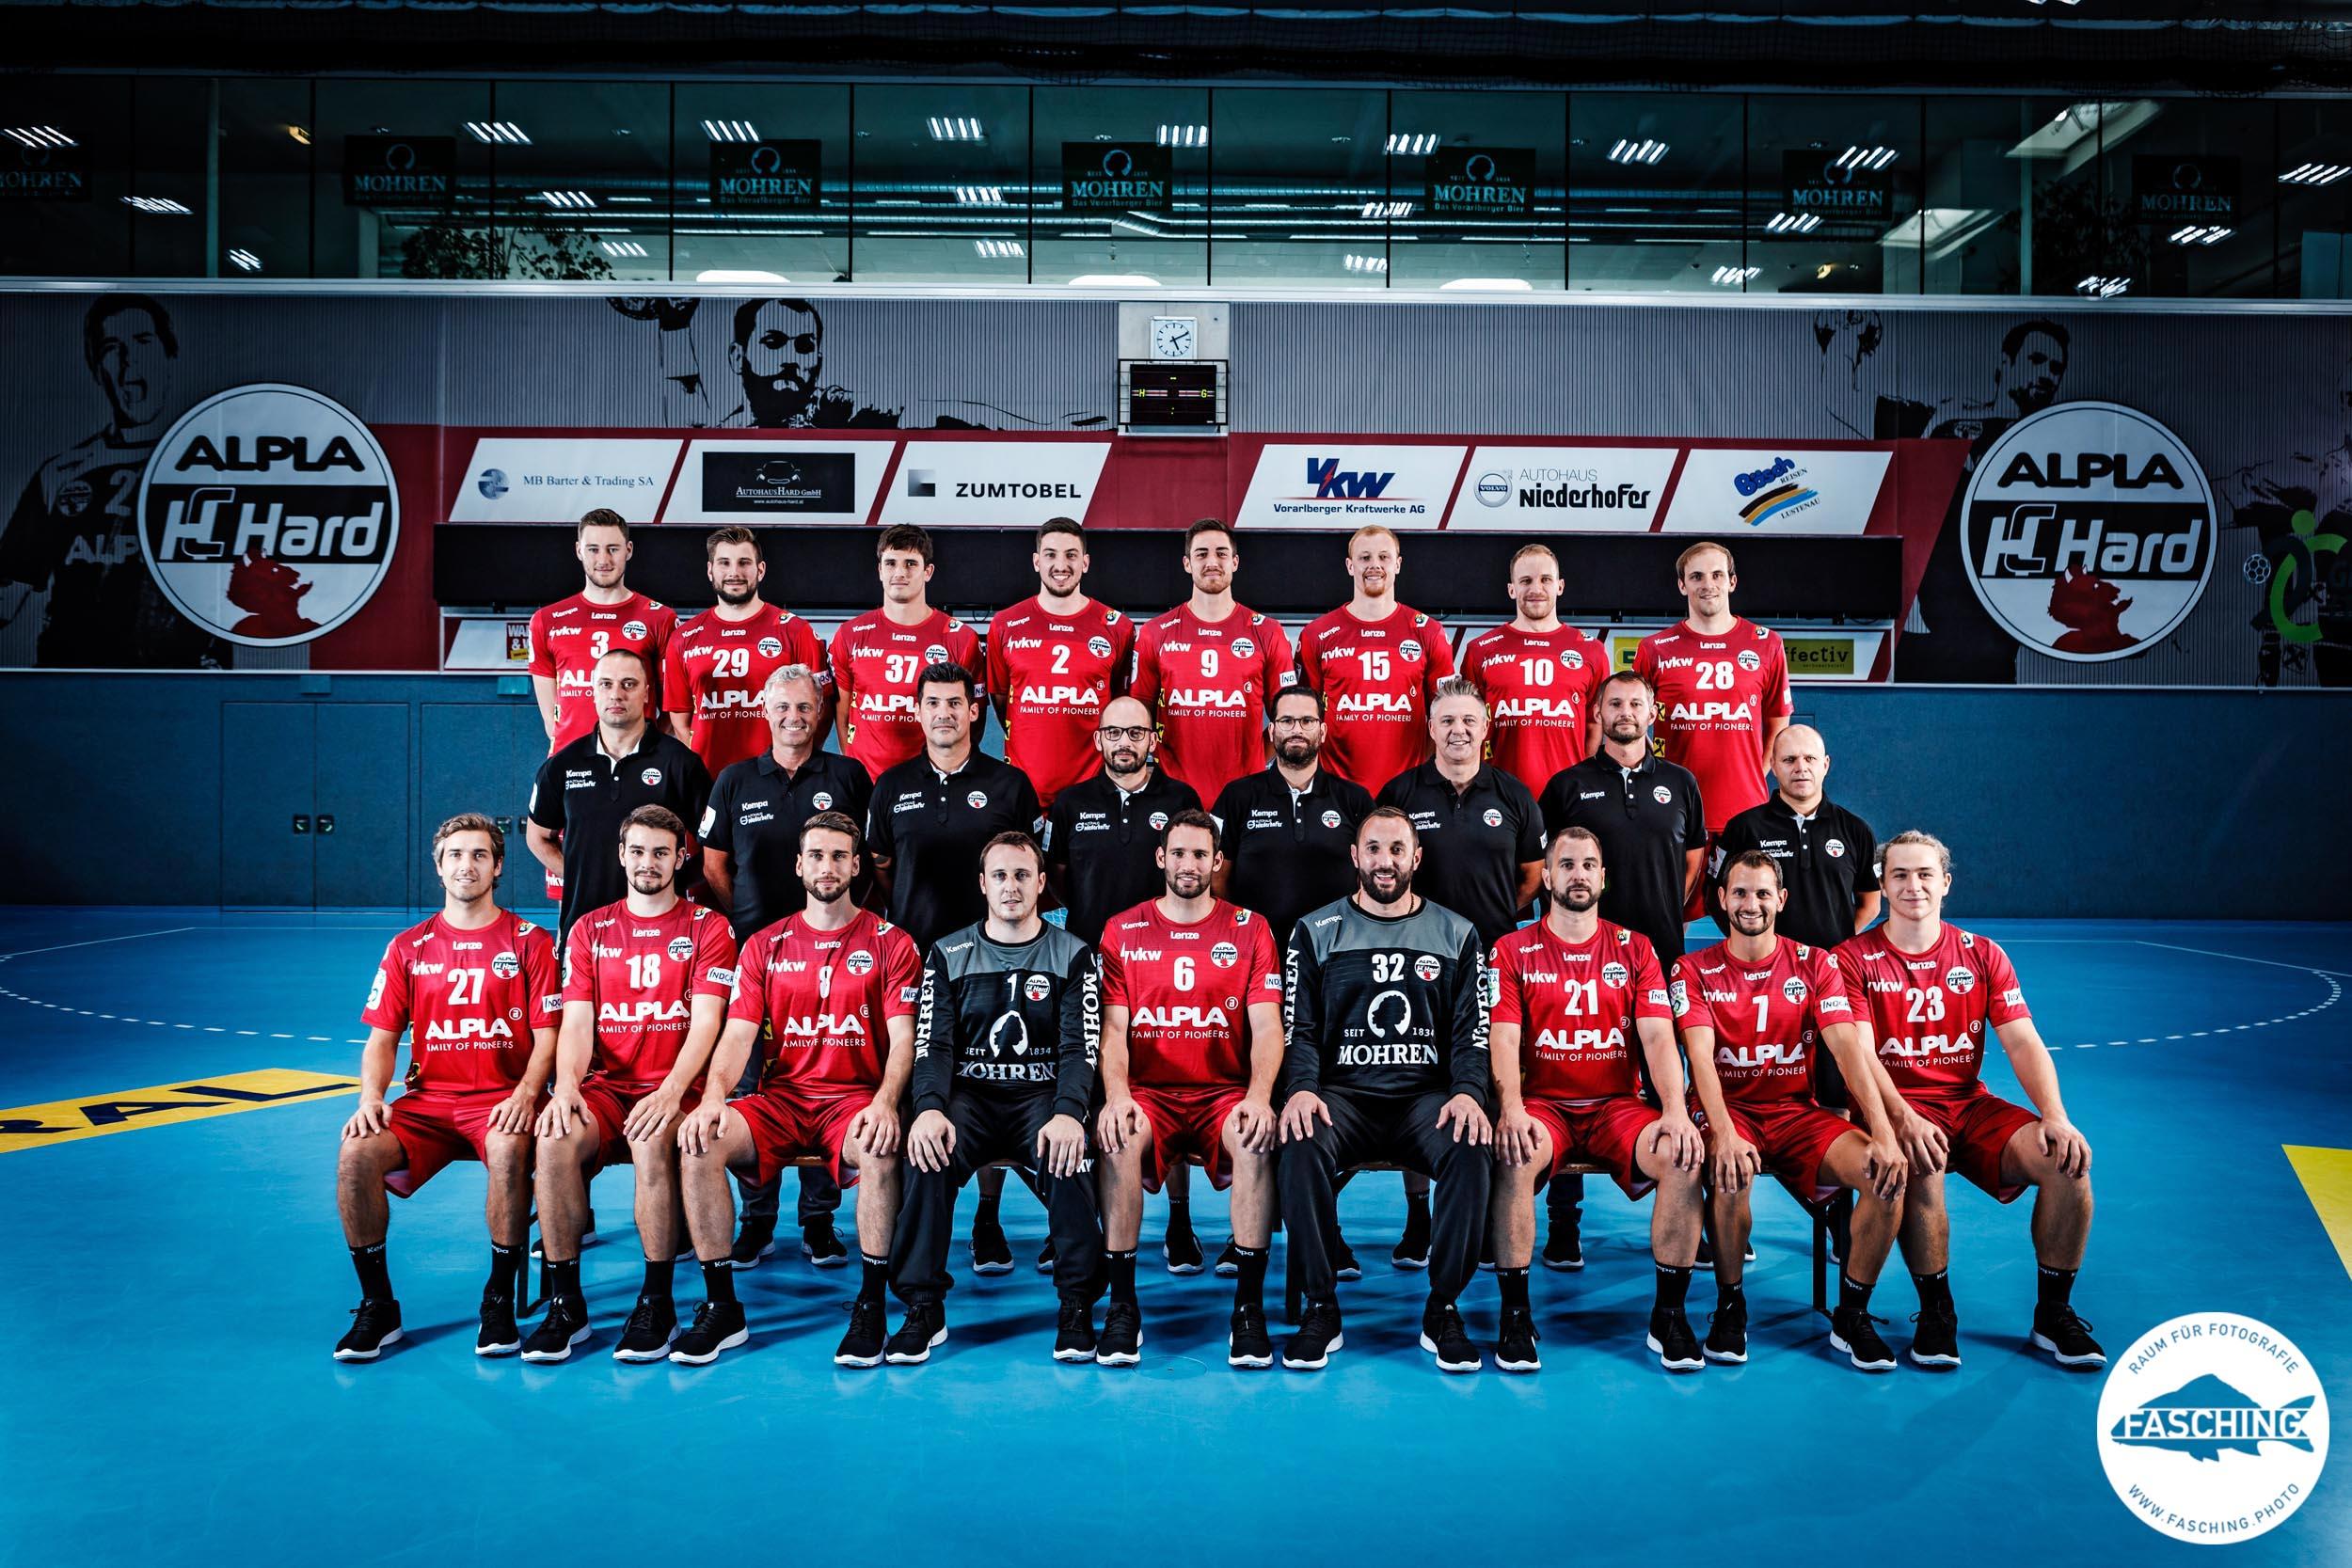 Sportfotograf Luca Fasching fotografierte für den Profiverein HC Alpla Hard das Mannschaftsfoto